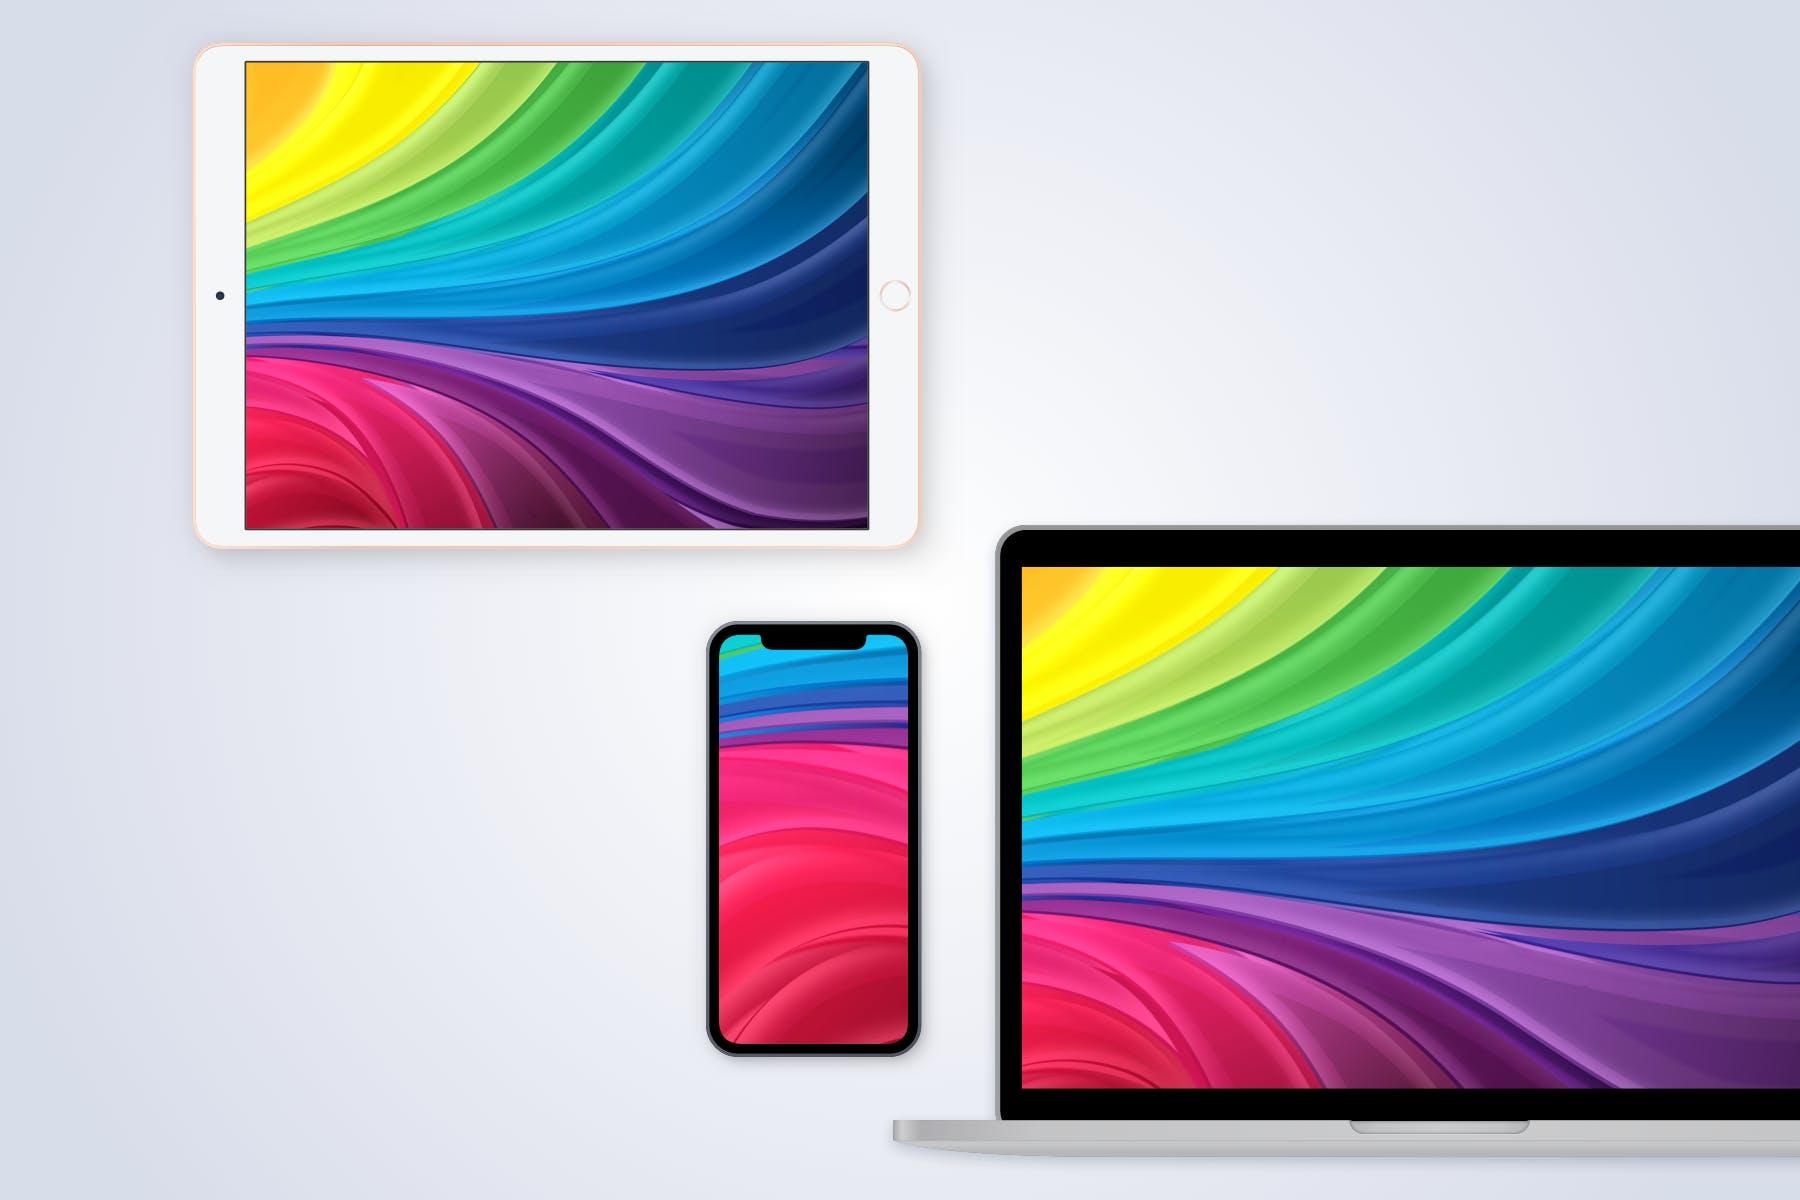 高端智能苹果设备网站手机样机designshidai_yj781